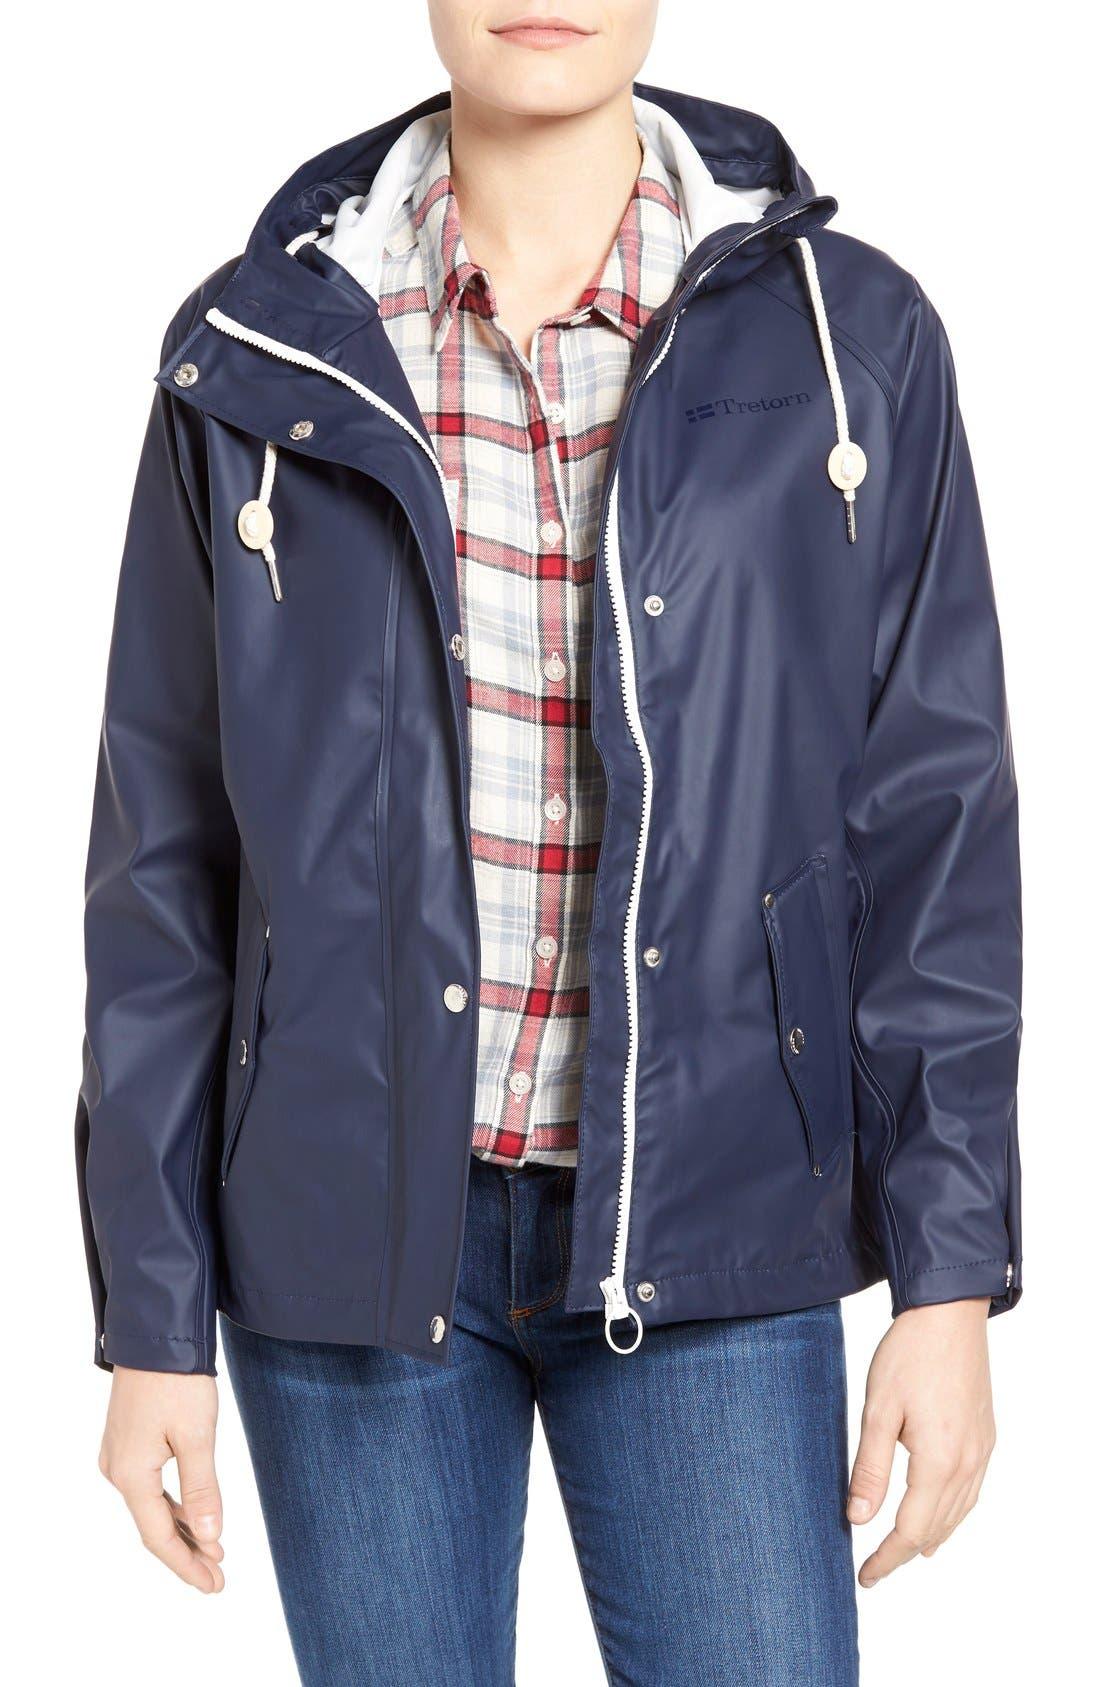 Main Image - Tretorn 'Tora' Hooded Rain Jacket